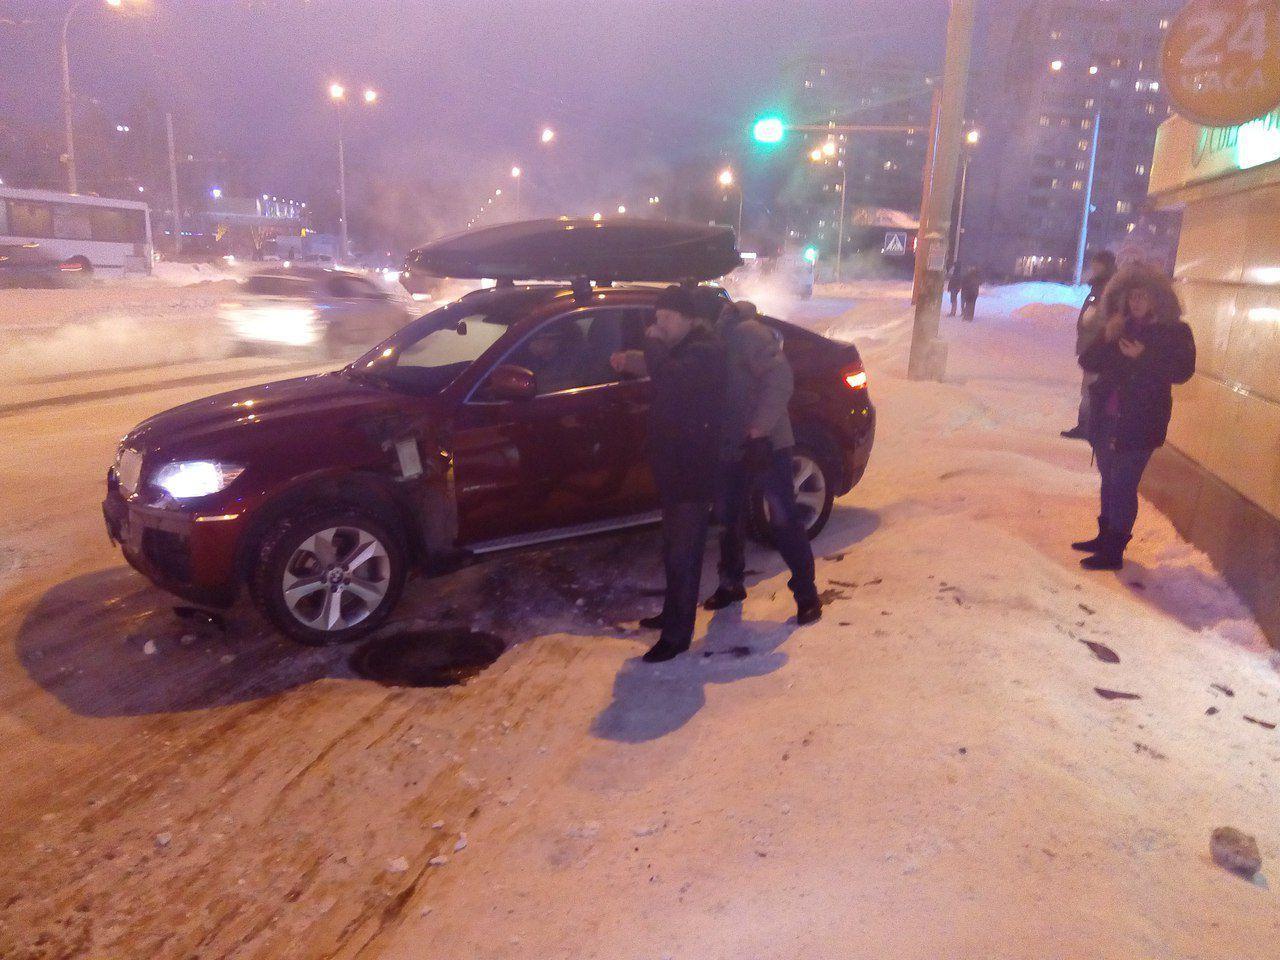 Юрист на БМВ протаранил остановку вКемерово, есть погибшие